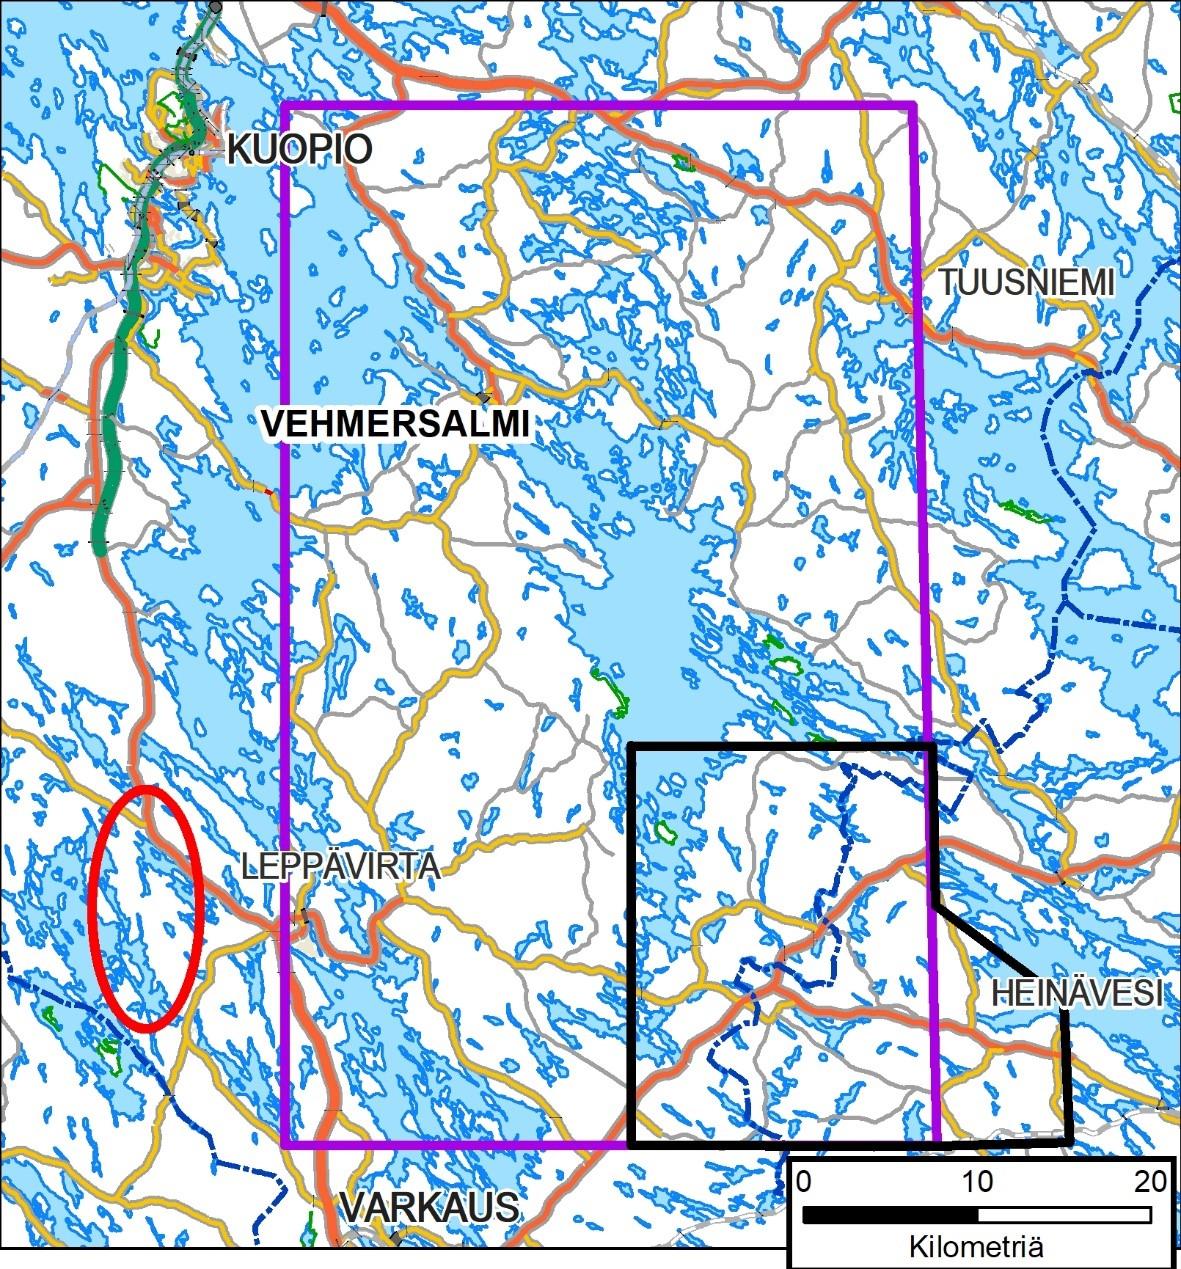 Geologian Tutkimuskeskuksen Leppavirta Heinavesi Tuusniemi Alueen